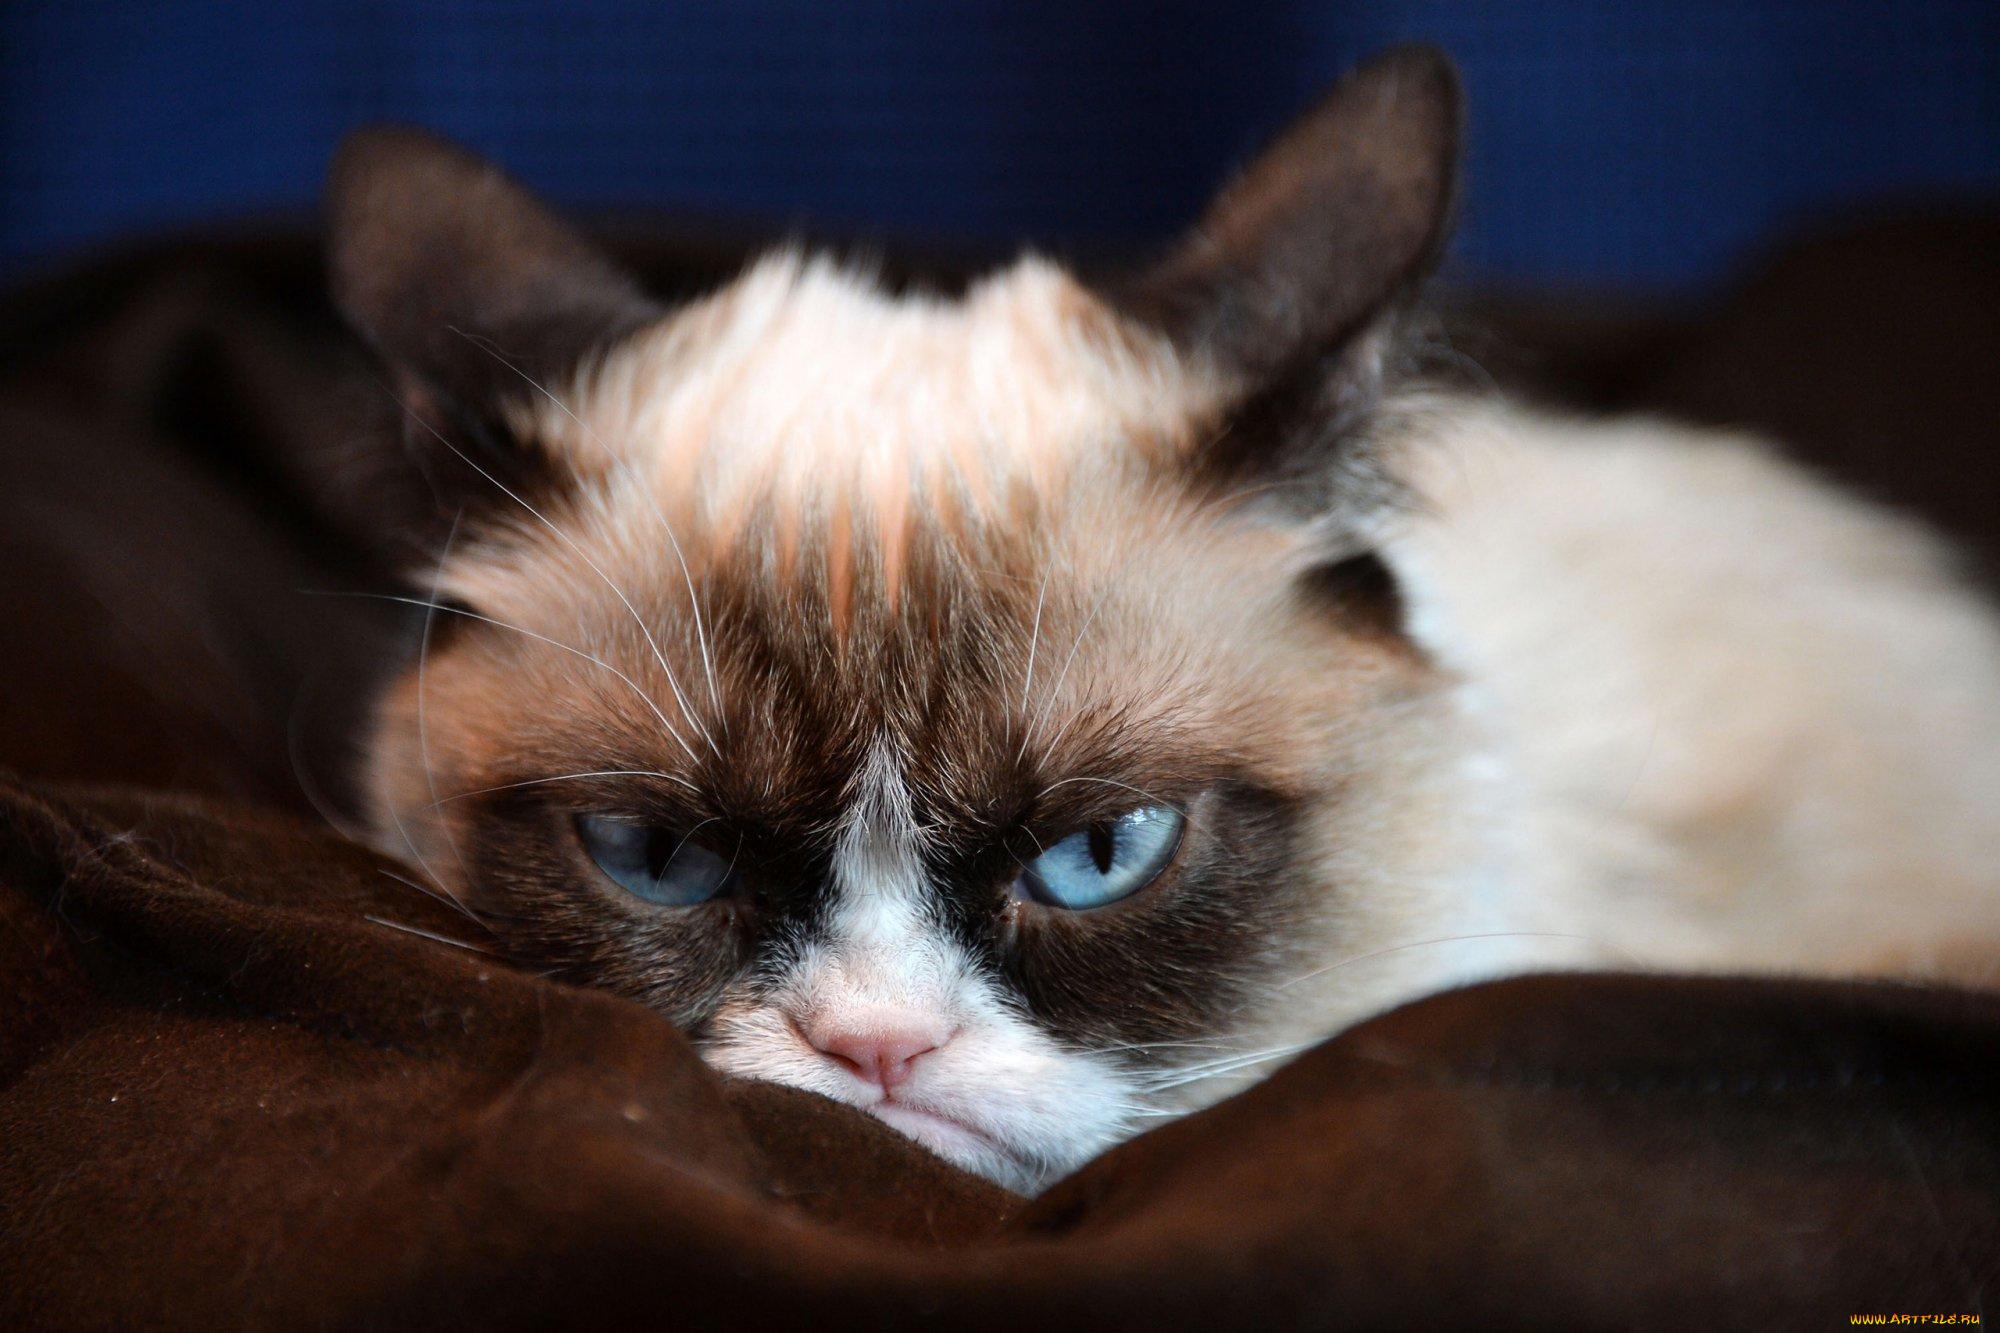 Днем, смешная картинка злой кот